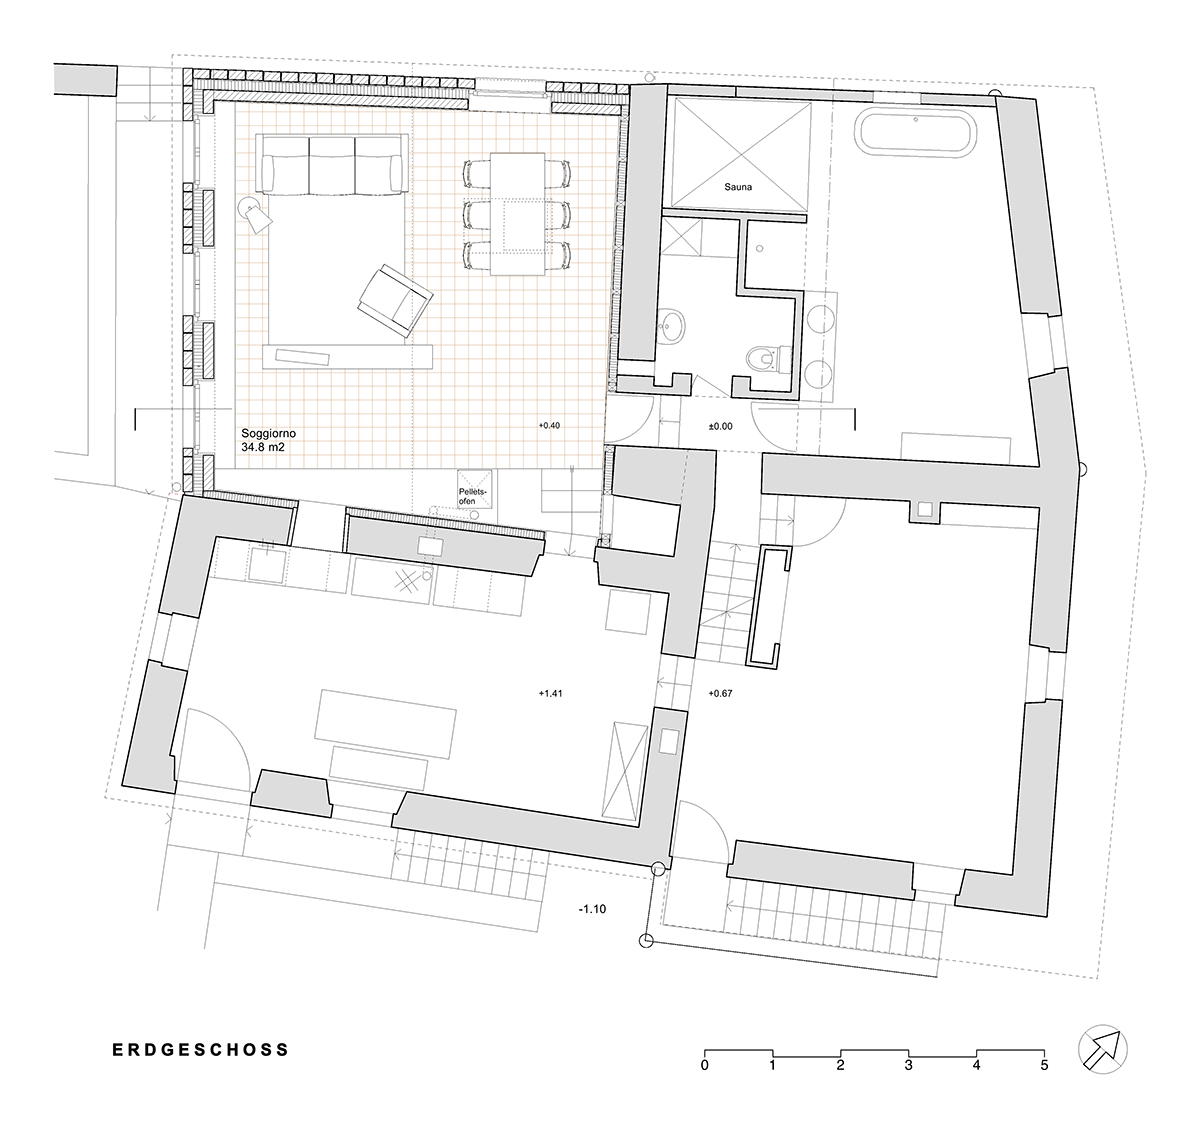 Erdgeschoss2.jpg